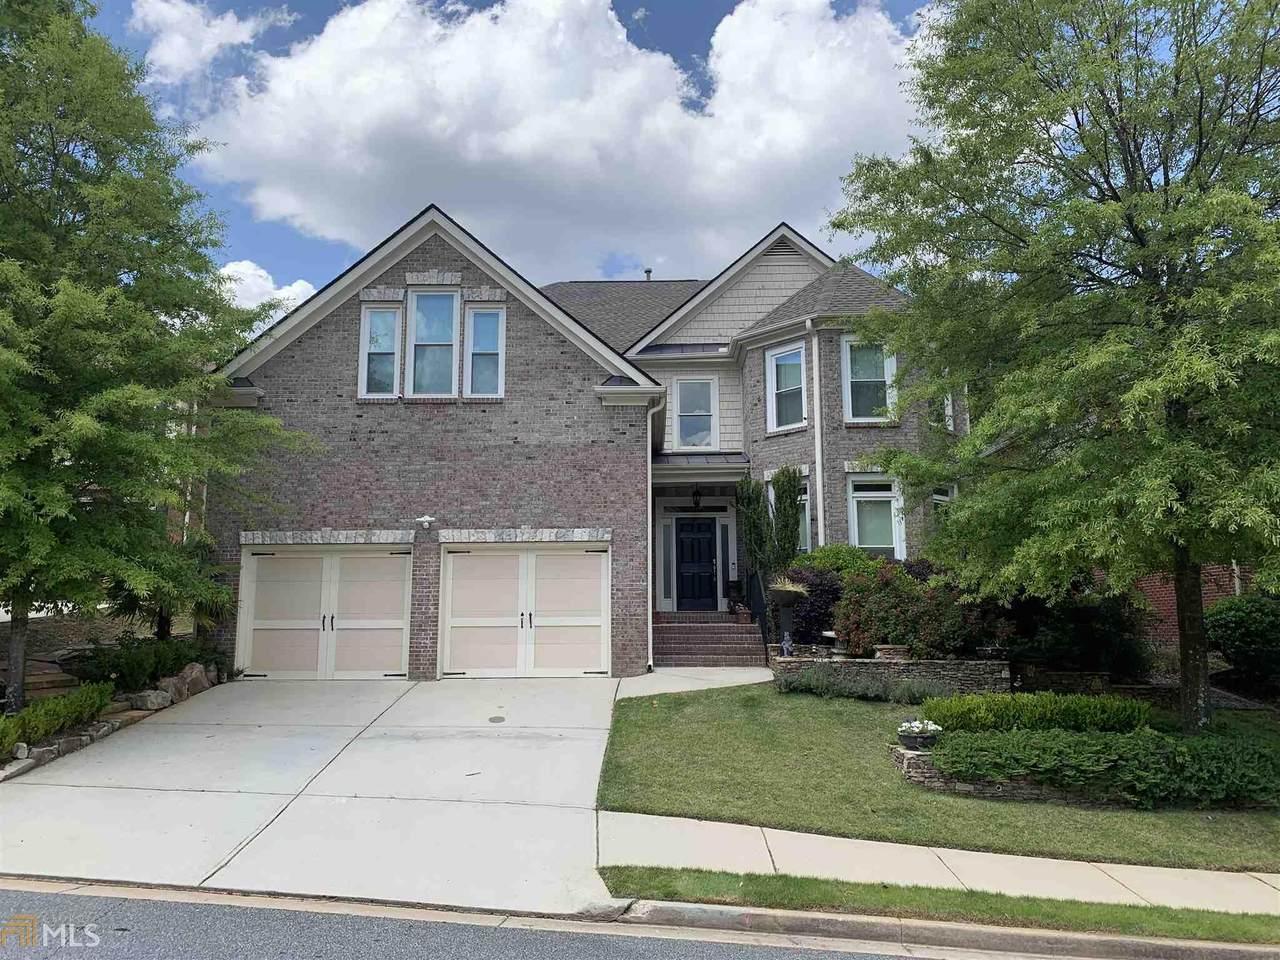 2163 Oakdale Estates Ct - Photo 1